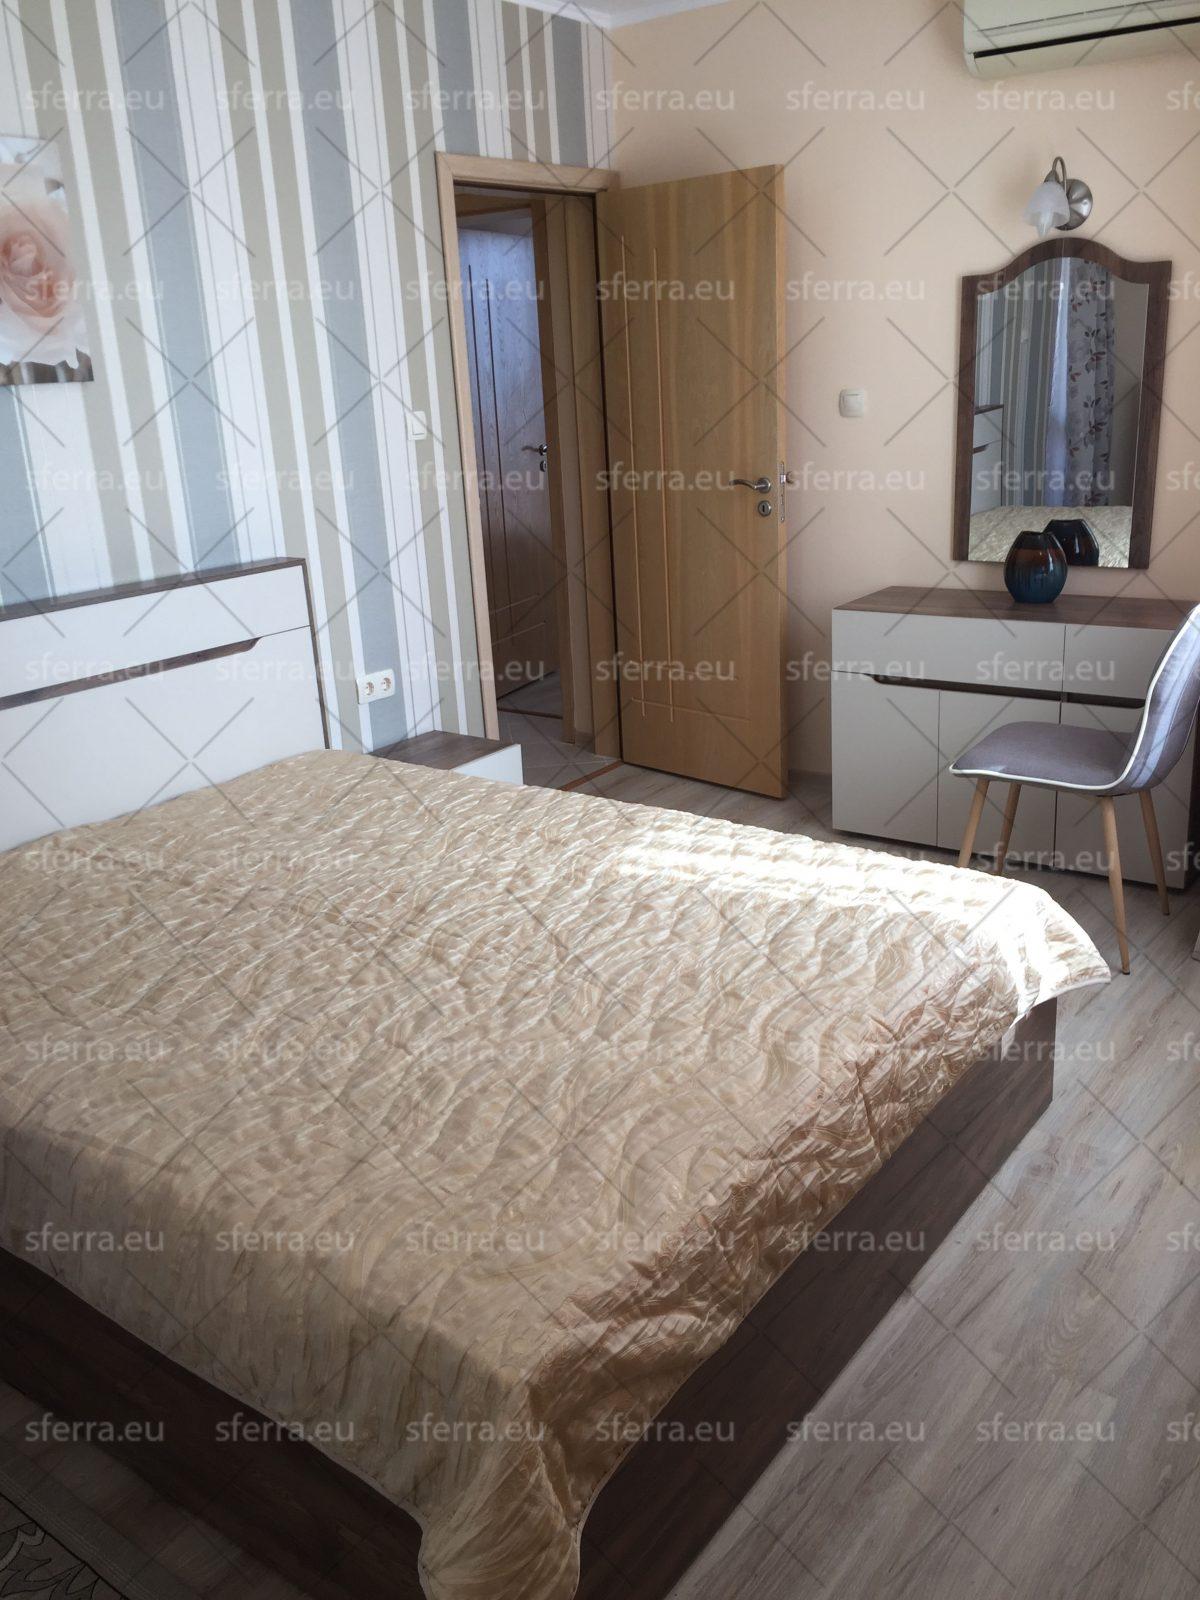 Продажа вторичной недвижимости в болгарии квартира посуточно в дубае